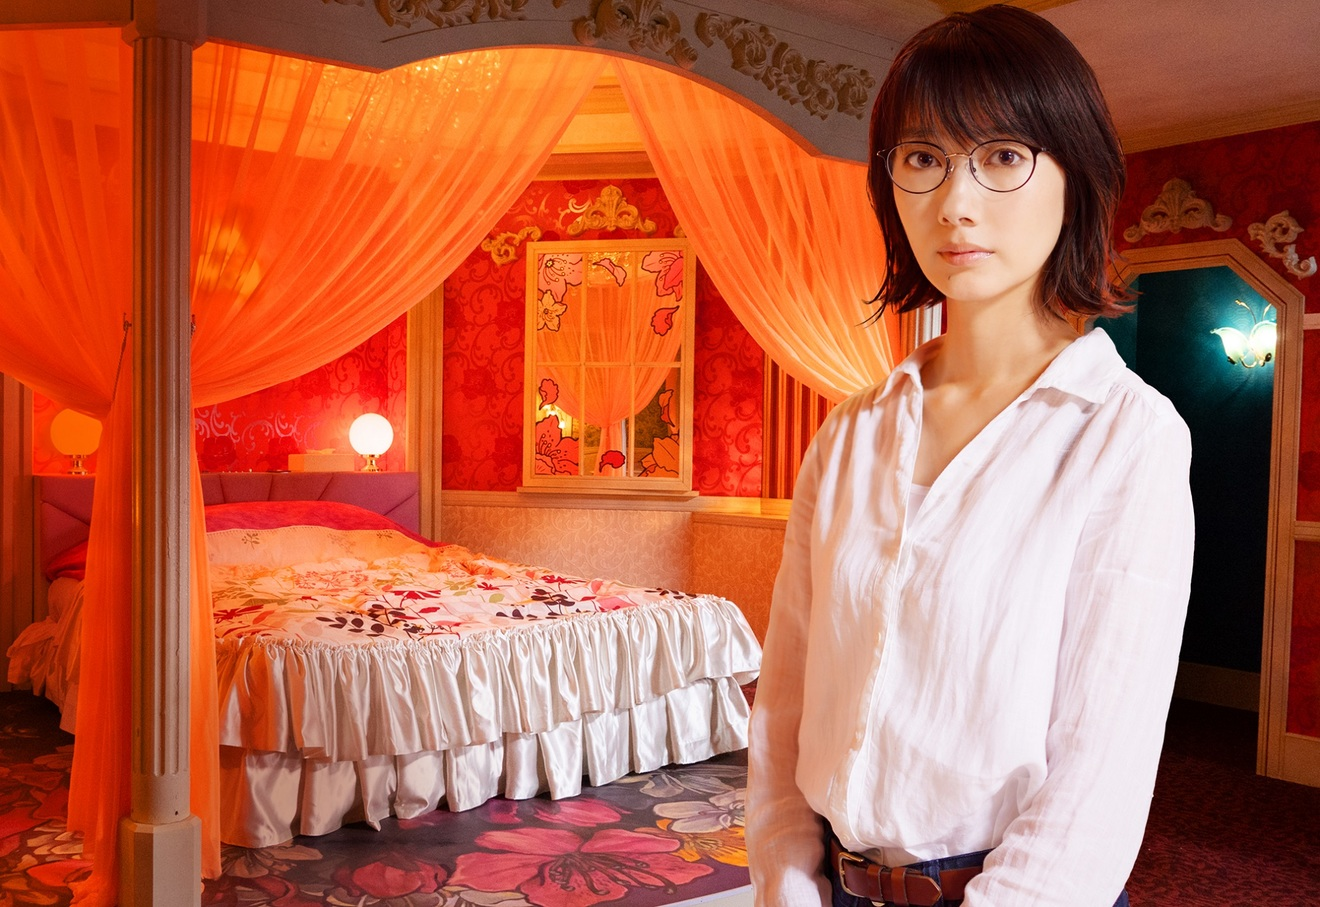 映画『ホテルローヤル』が10倍面白い!波瑠と松山ケンイチが演じる原作シーンを徹底紹介